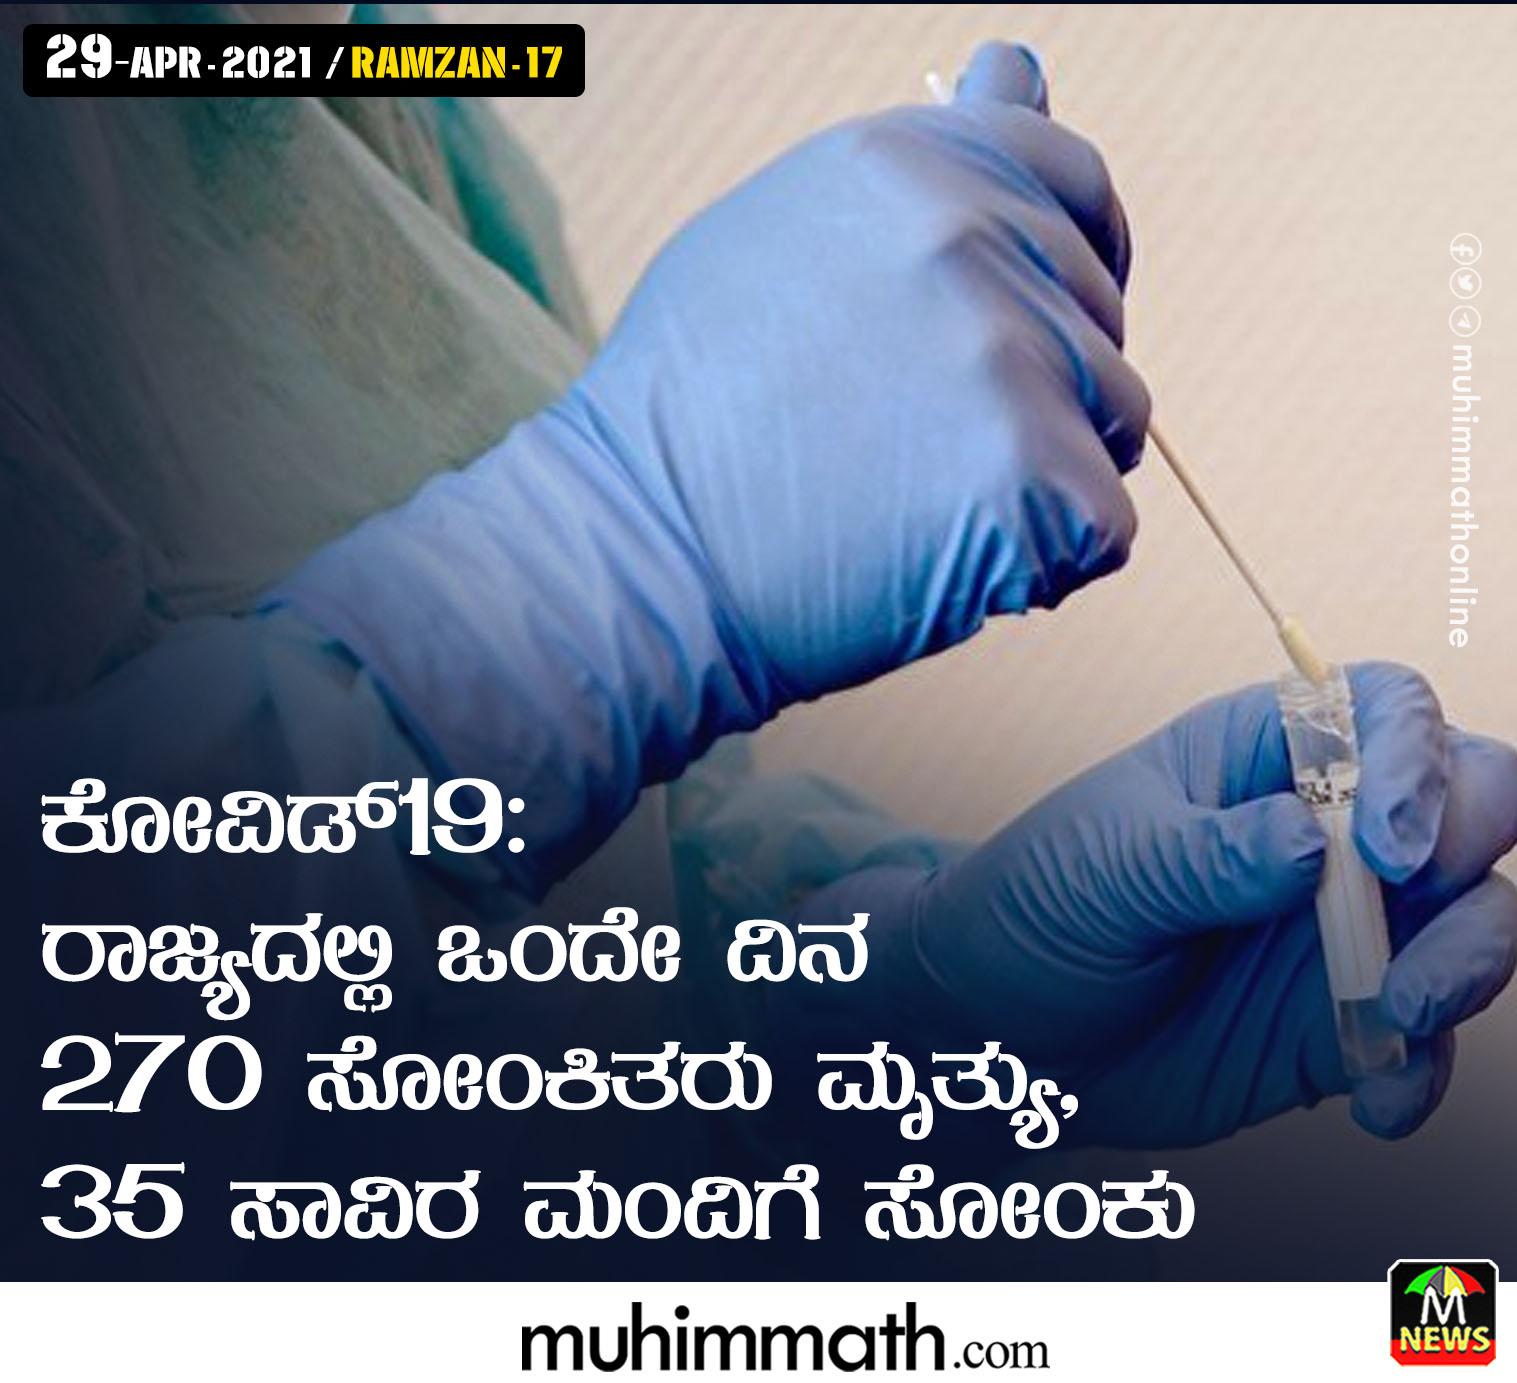 ಕೋವಿಡ್19: ರಾಜ್ಯದಲ್ಲಿ ಒಂದೇ ದಿನ 270 ಸೋಂಕಿತರು ಮೃತ್ಯು, 35 ಸಾವಿರ ಮಂದಿಗೆ ಸೋಂಕು